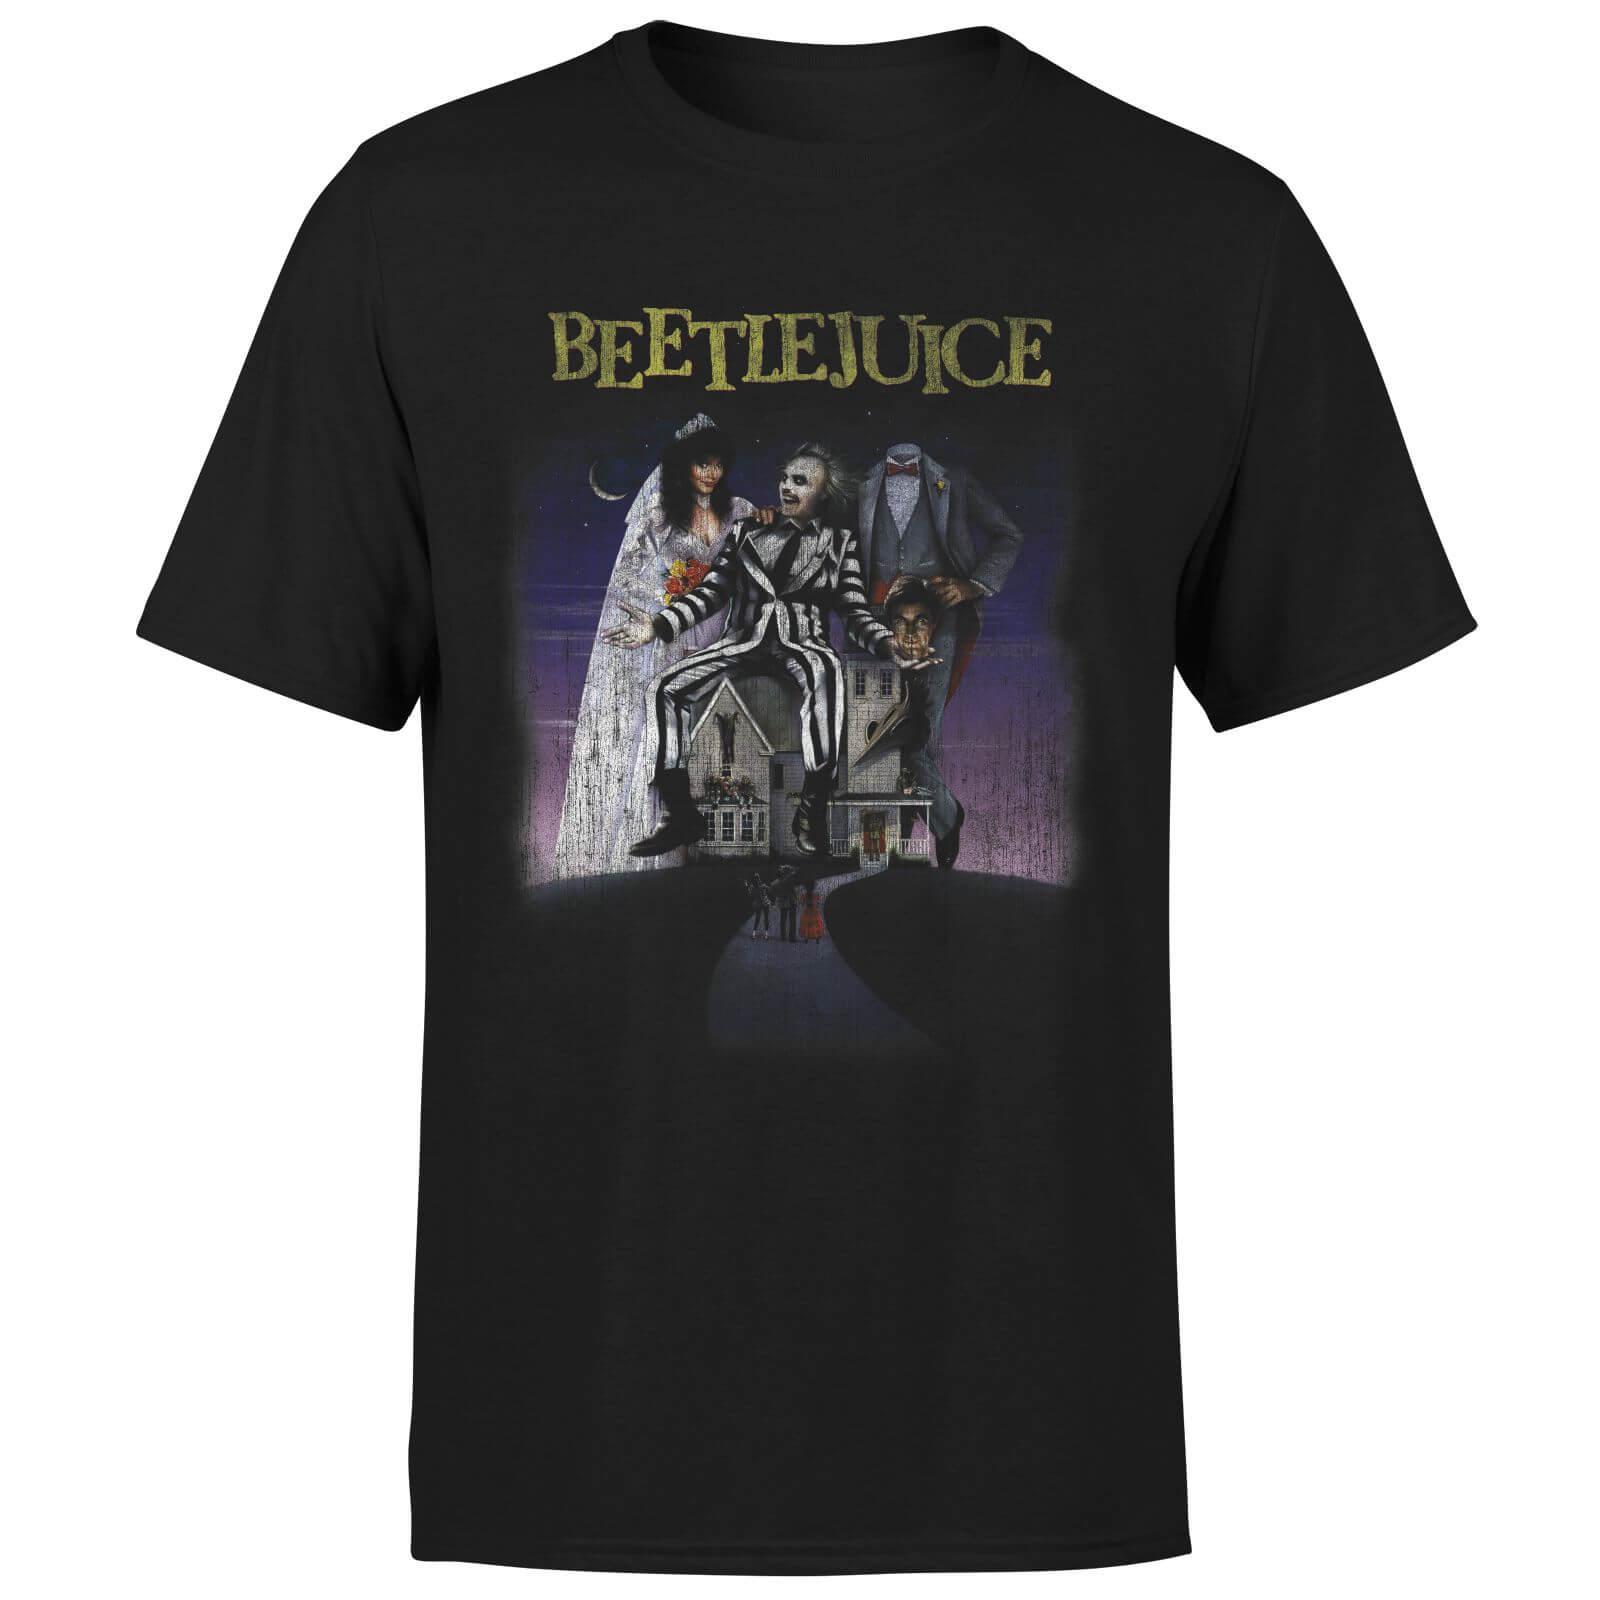 Beetlejuice T-Shirt Homme Affiche Abîmée Beetlejuice - Noir - L - Noir